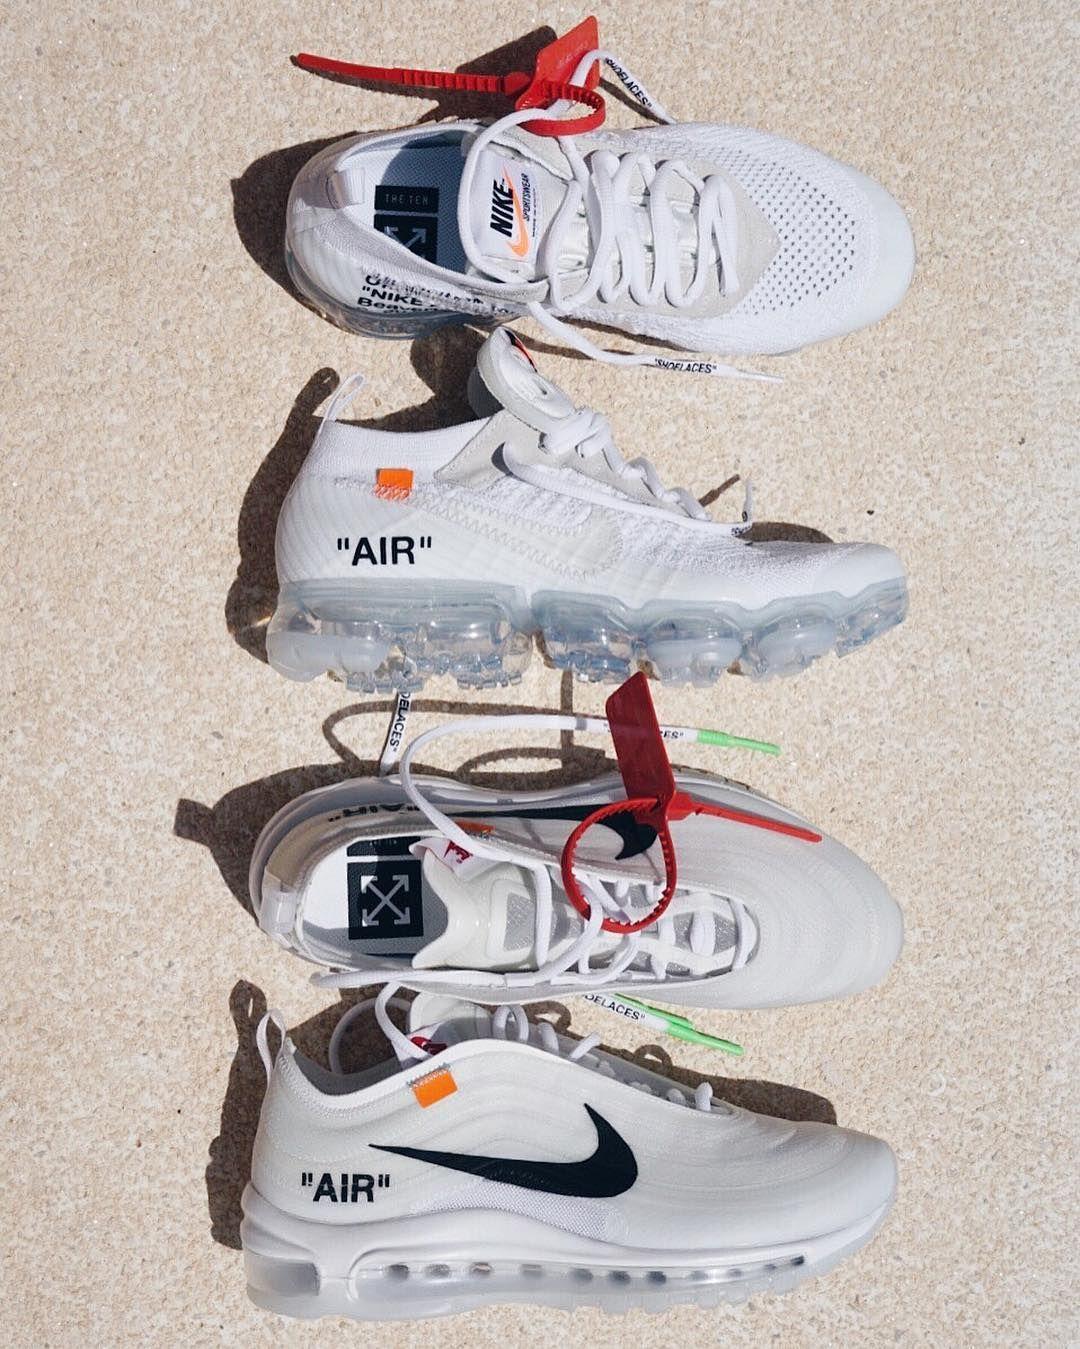 Off White X Nike Alle News Und Releasedates Der Beruchtigten Collabo Off White Schuhe Turnschuhe Nike